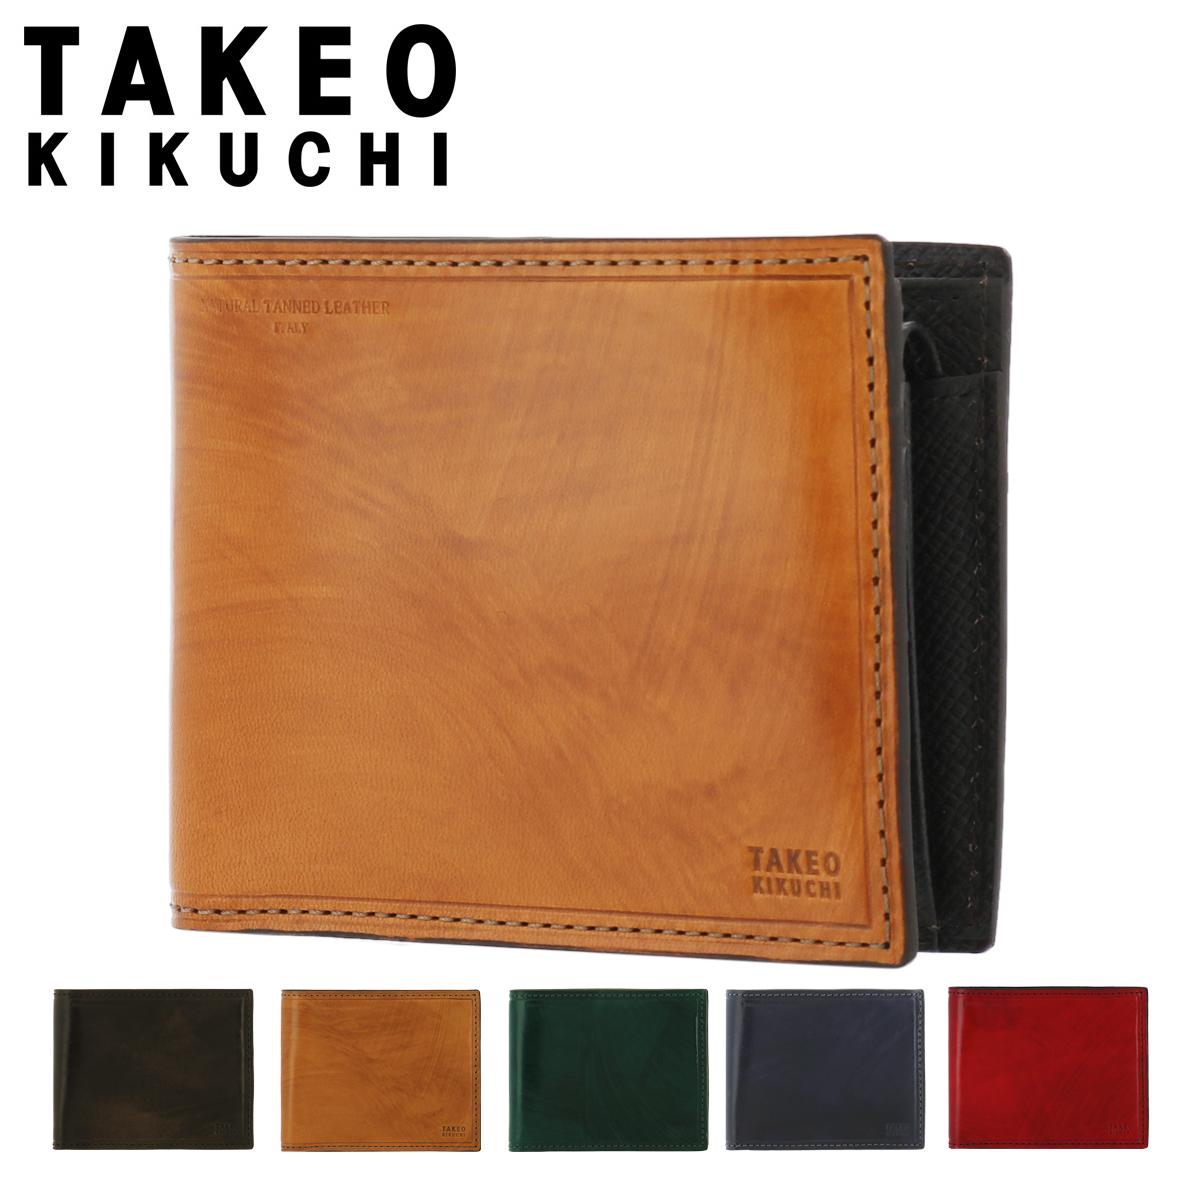 タケオキクチ 二つ折り財布 ハンドII小物 メンズ 779603 TAKEO KIKUCHI | 牛革 本革 レザー [PO5][bef]